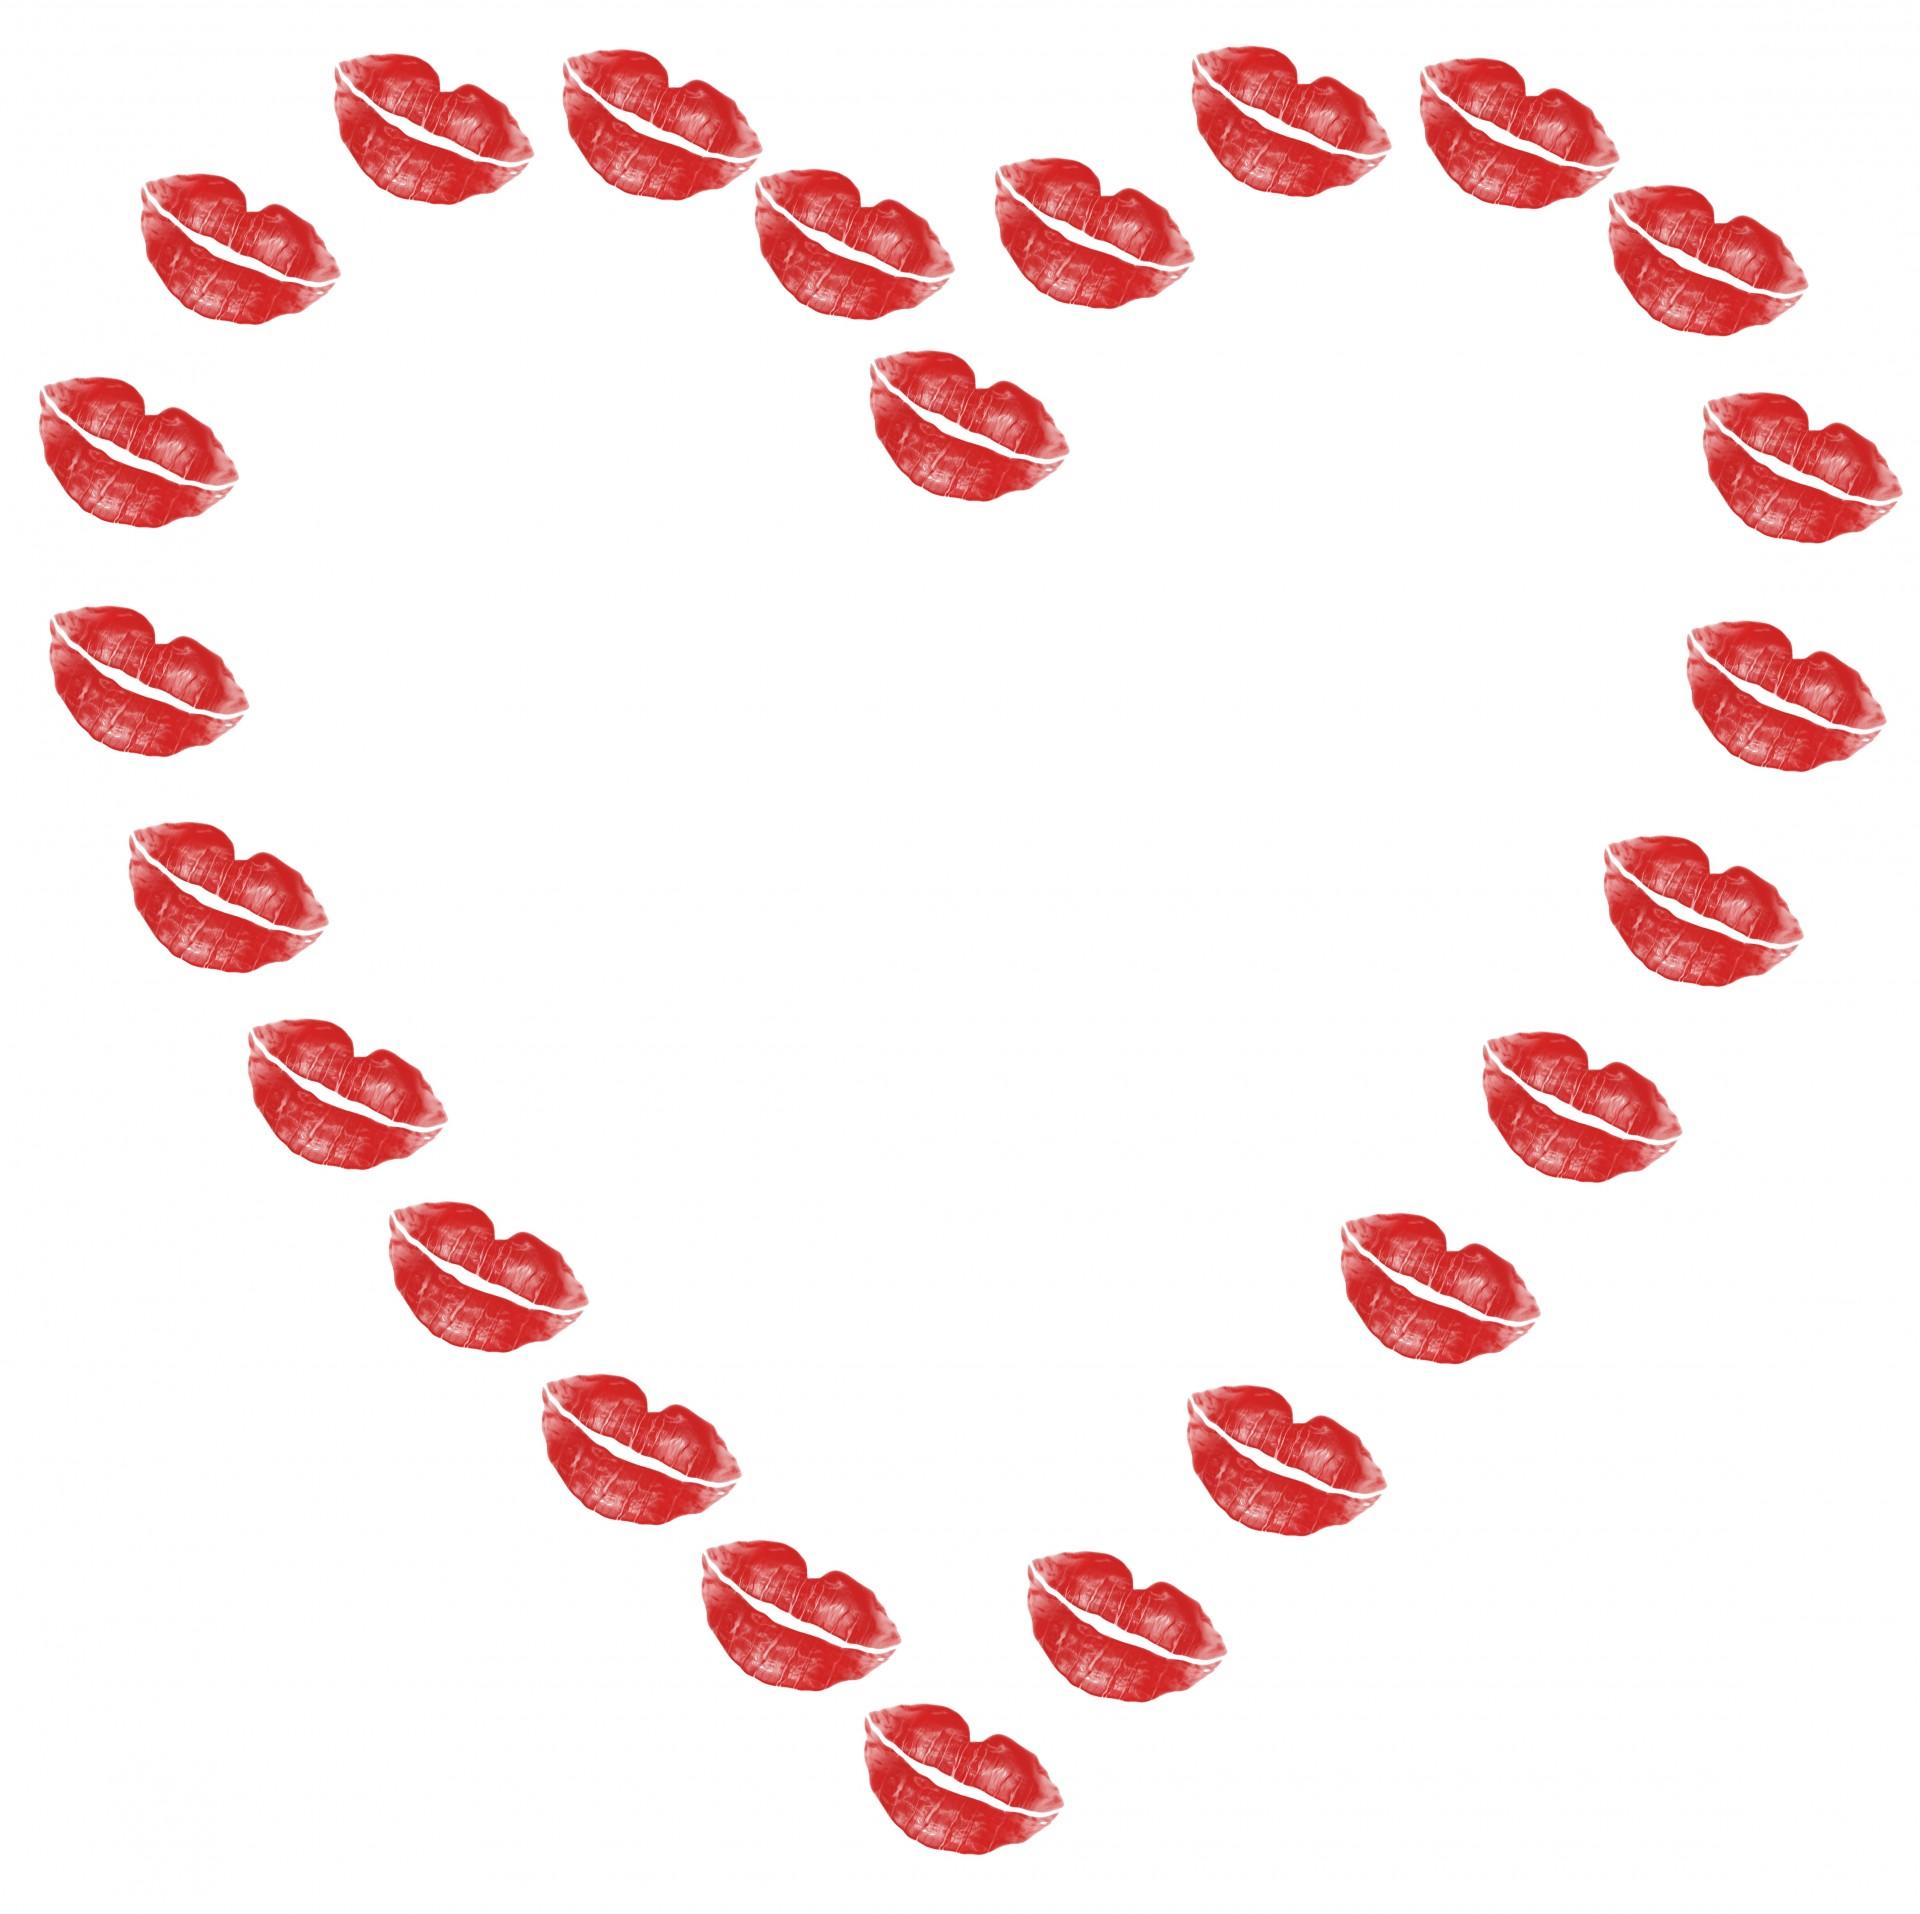 Марта любимой, сердечки поцелуйчики картинки